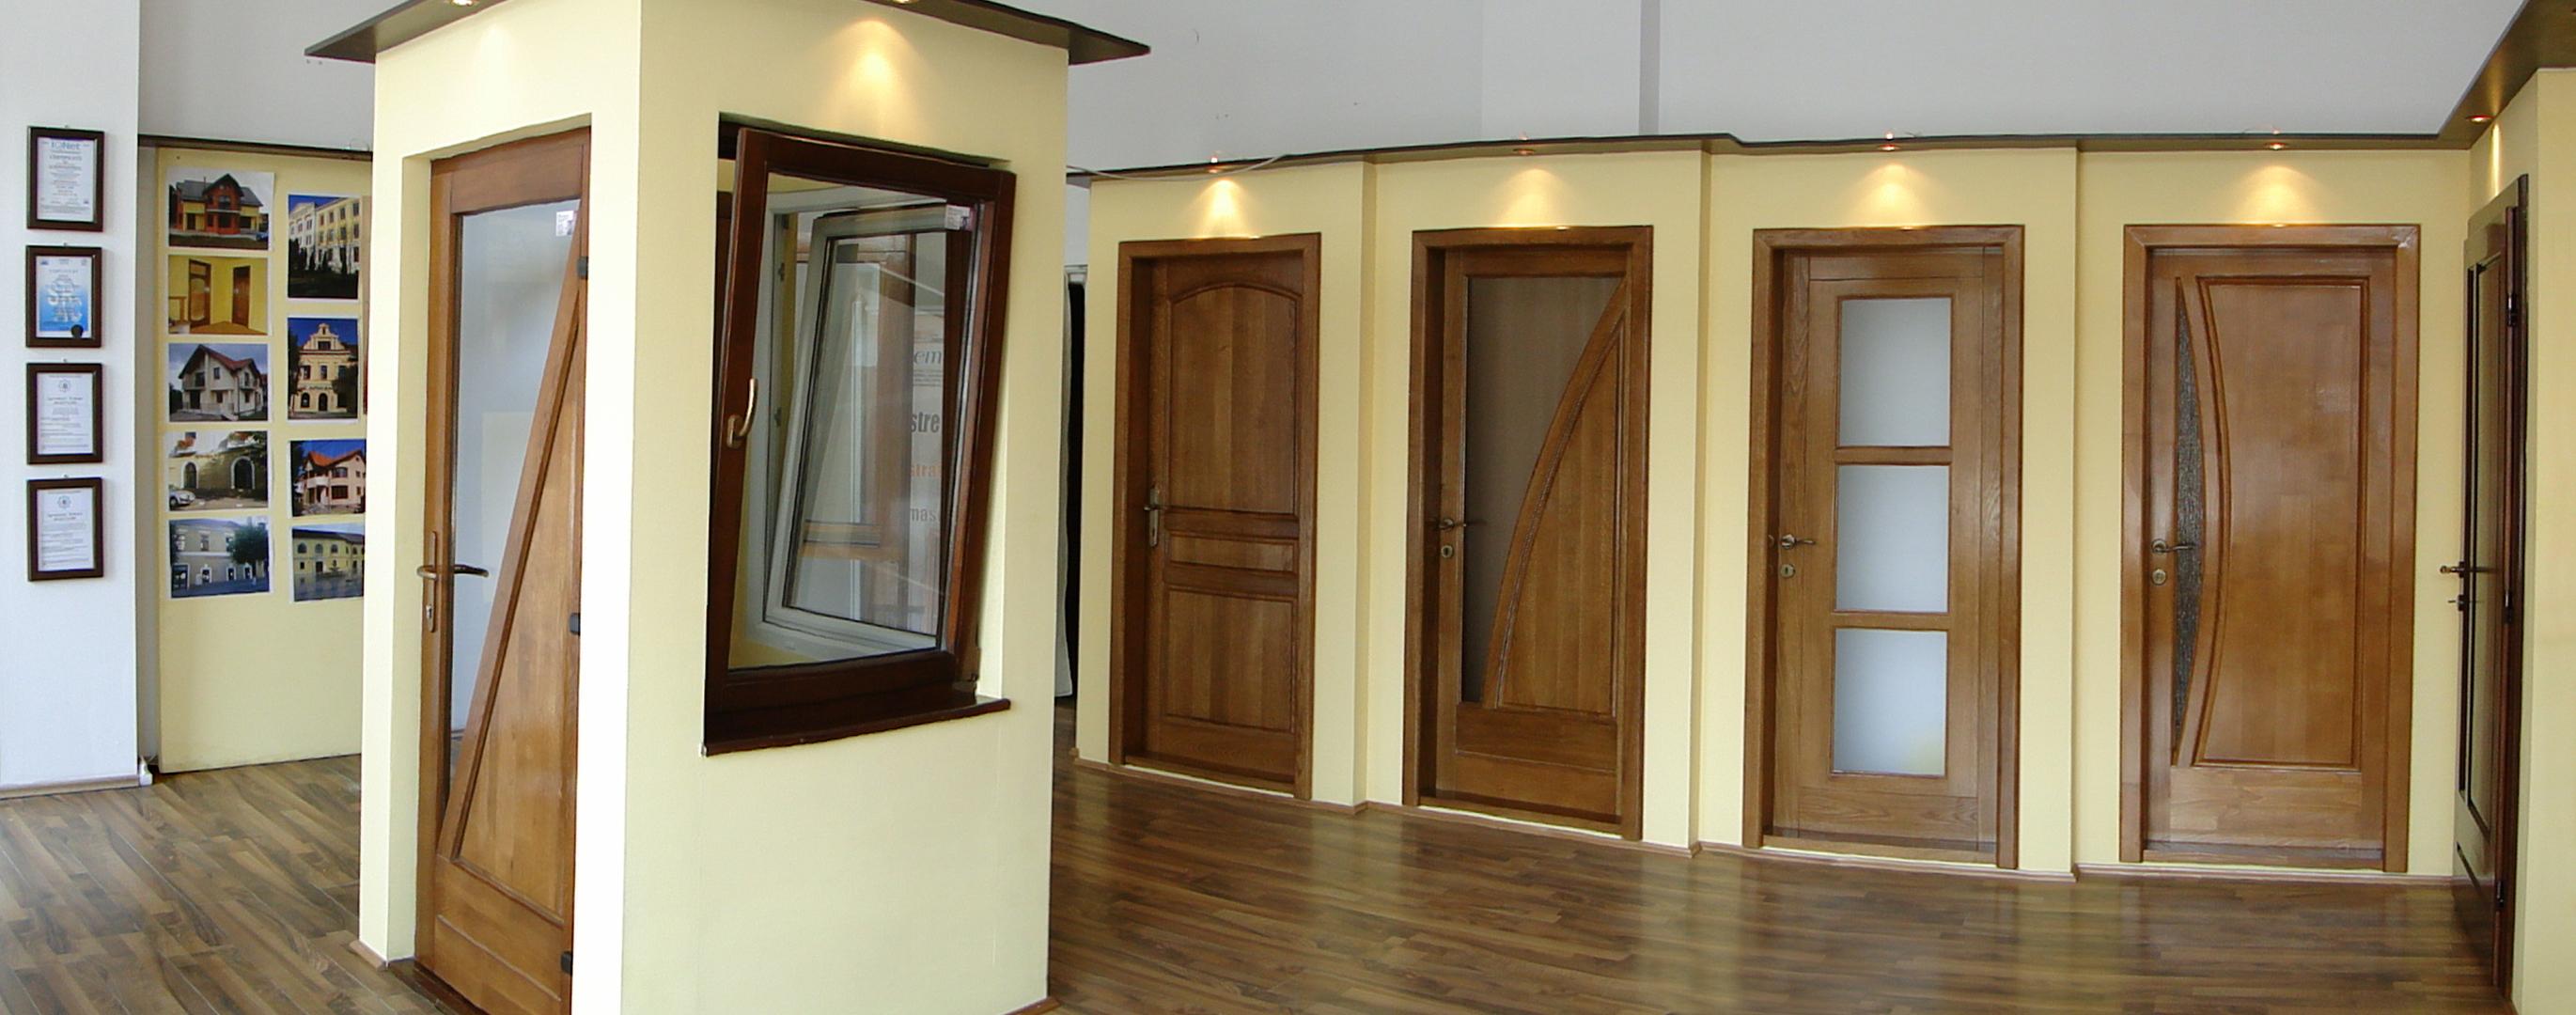 Usi de interior din lemn stratificat  PROLEMATEX - Poza 1